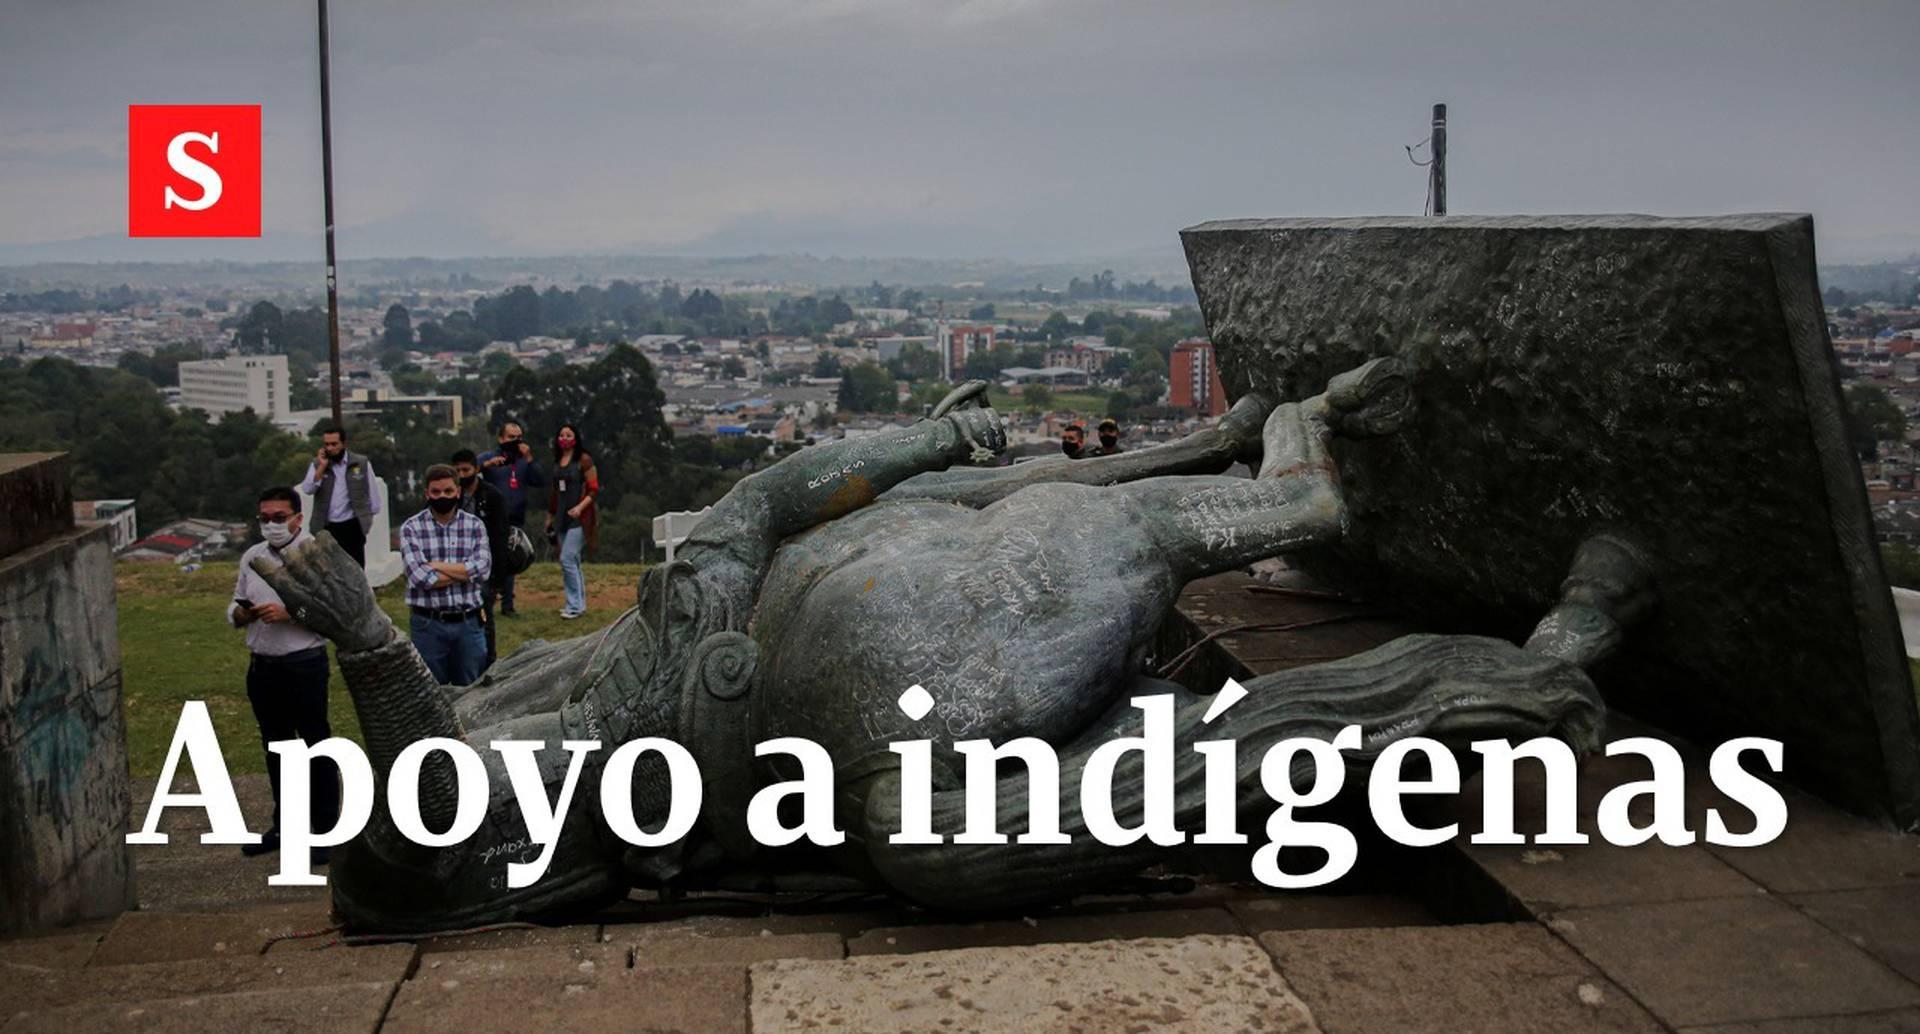 Apoyo a indígenas